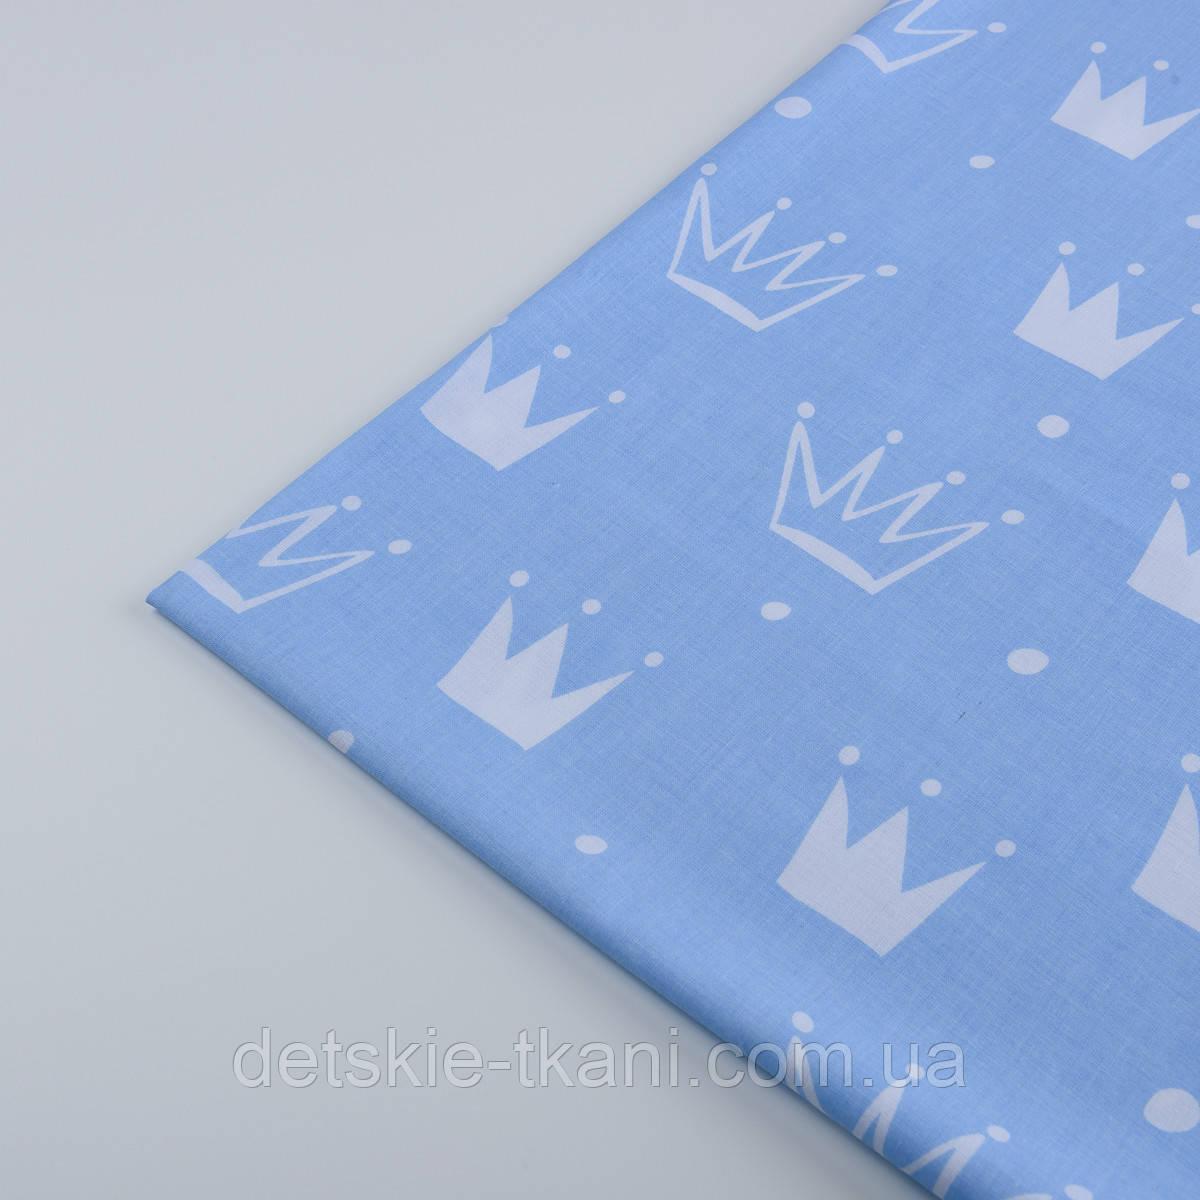 """Лоскут ткани """"Нарисованные короны"""" белые на голубом №1311а, размер 60*40 см"""